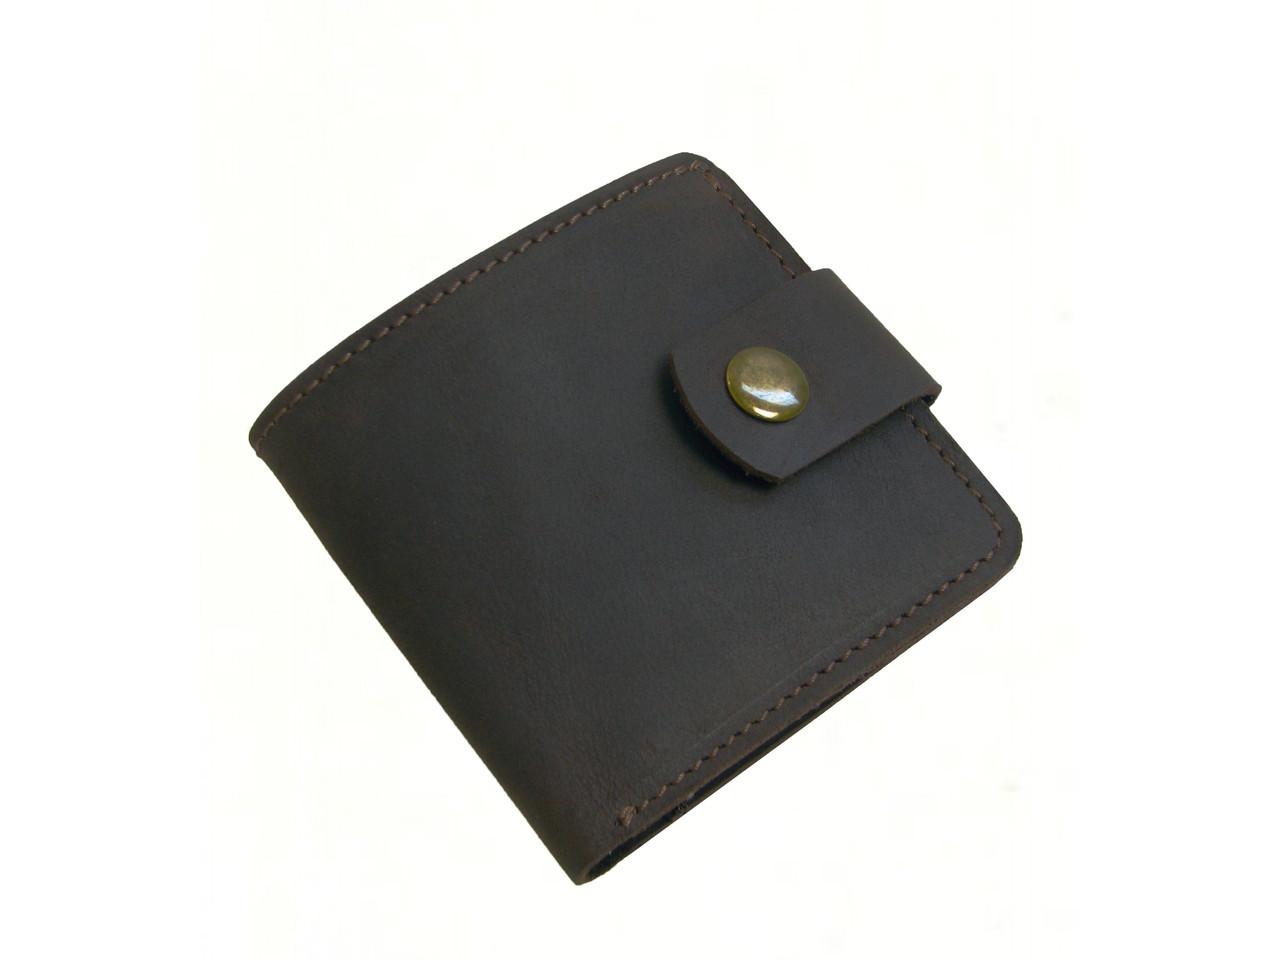 Мужской кошелек бумажник GS кожаный коричневый